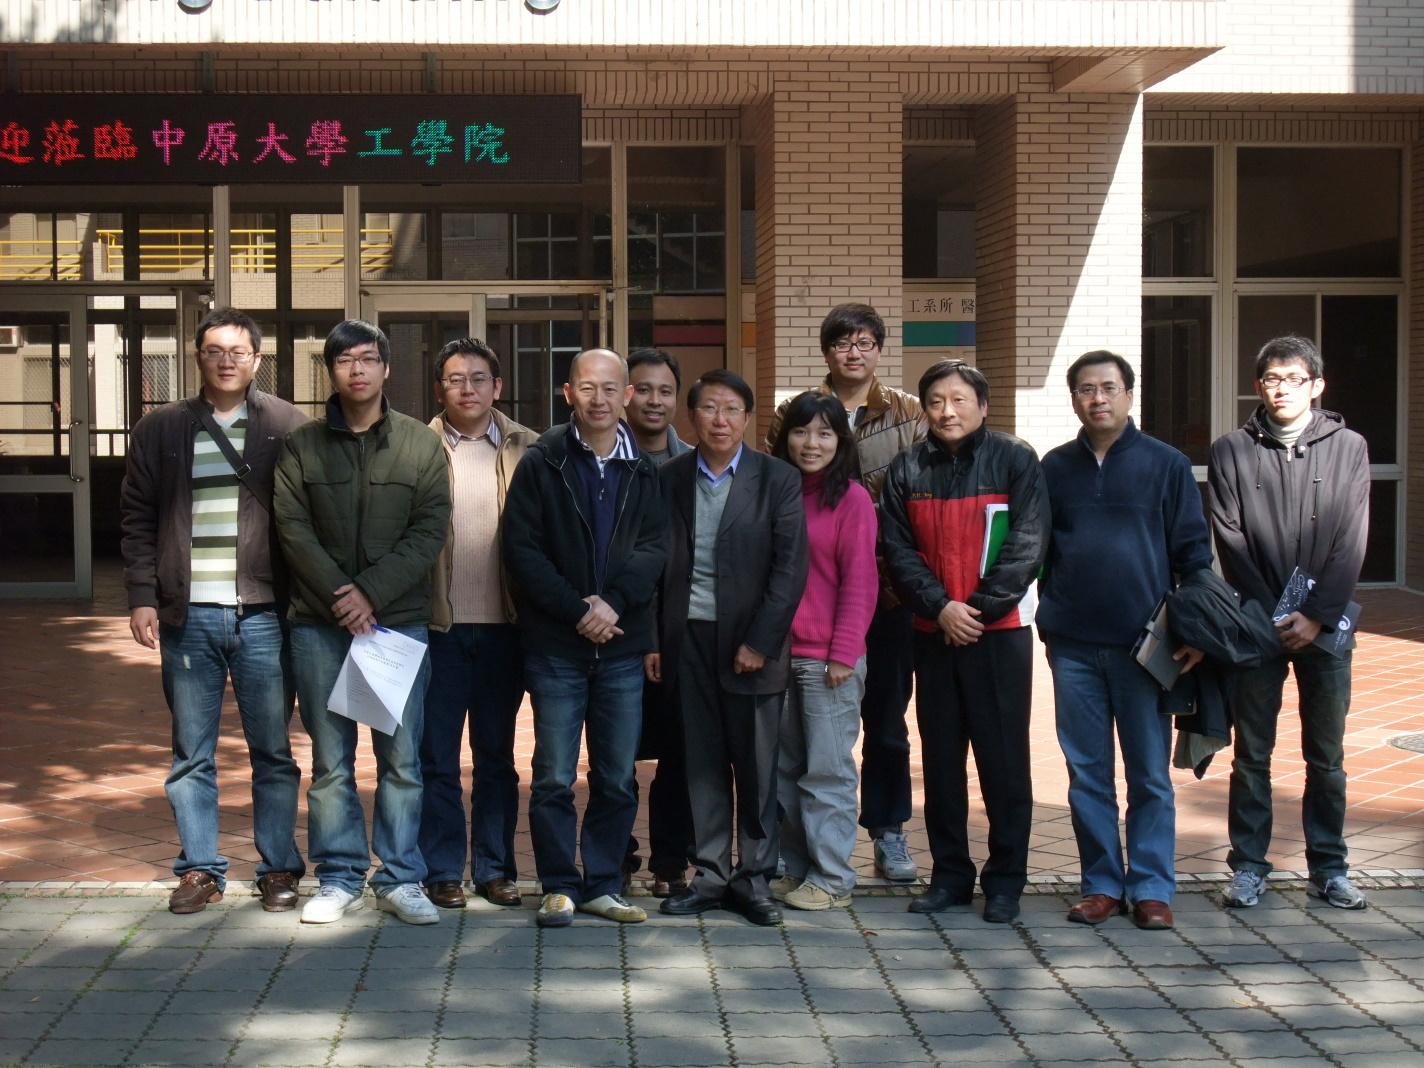 賀!機械系陳夏宗教授等人榮獲經濟部「在地型產業加值學界科專計畫」補助